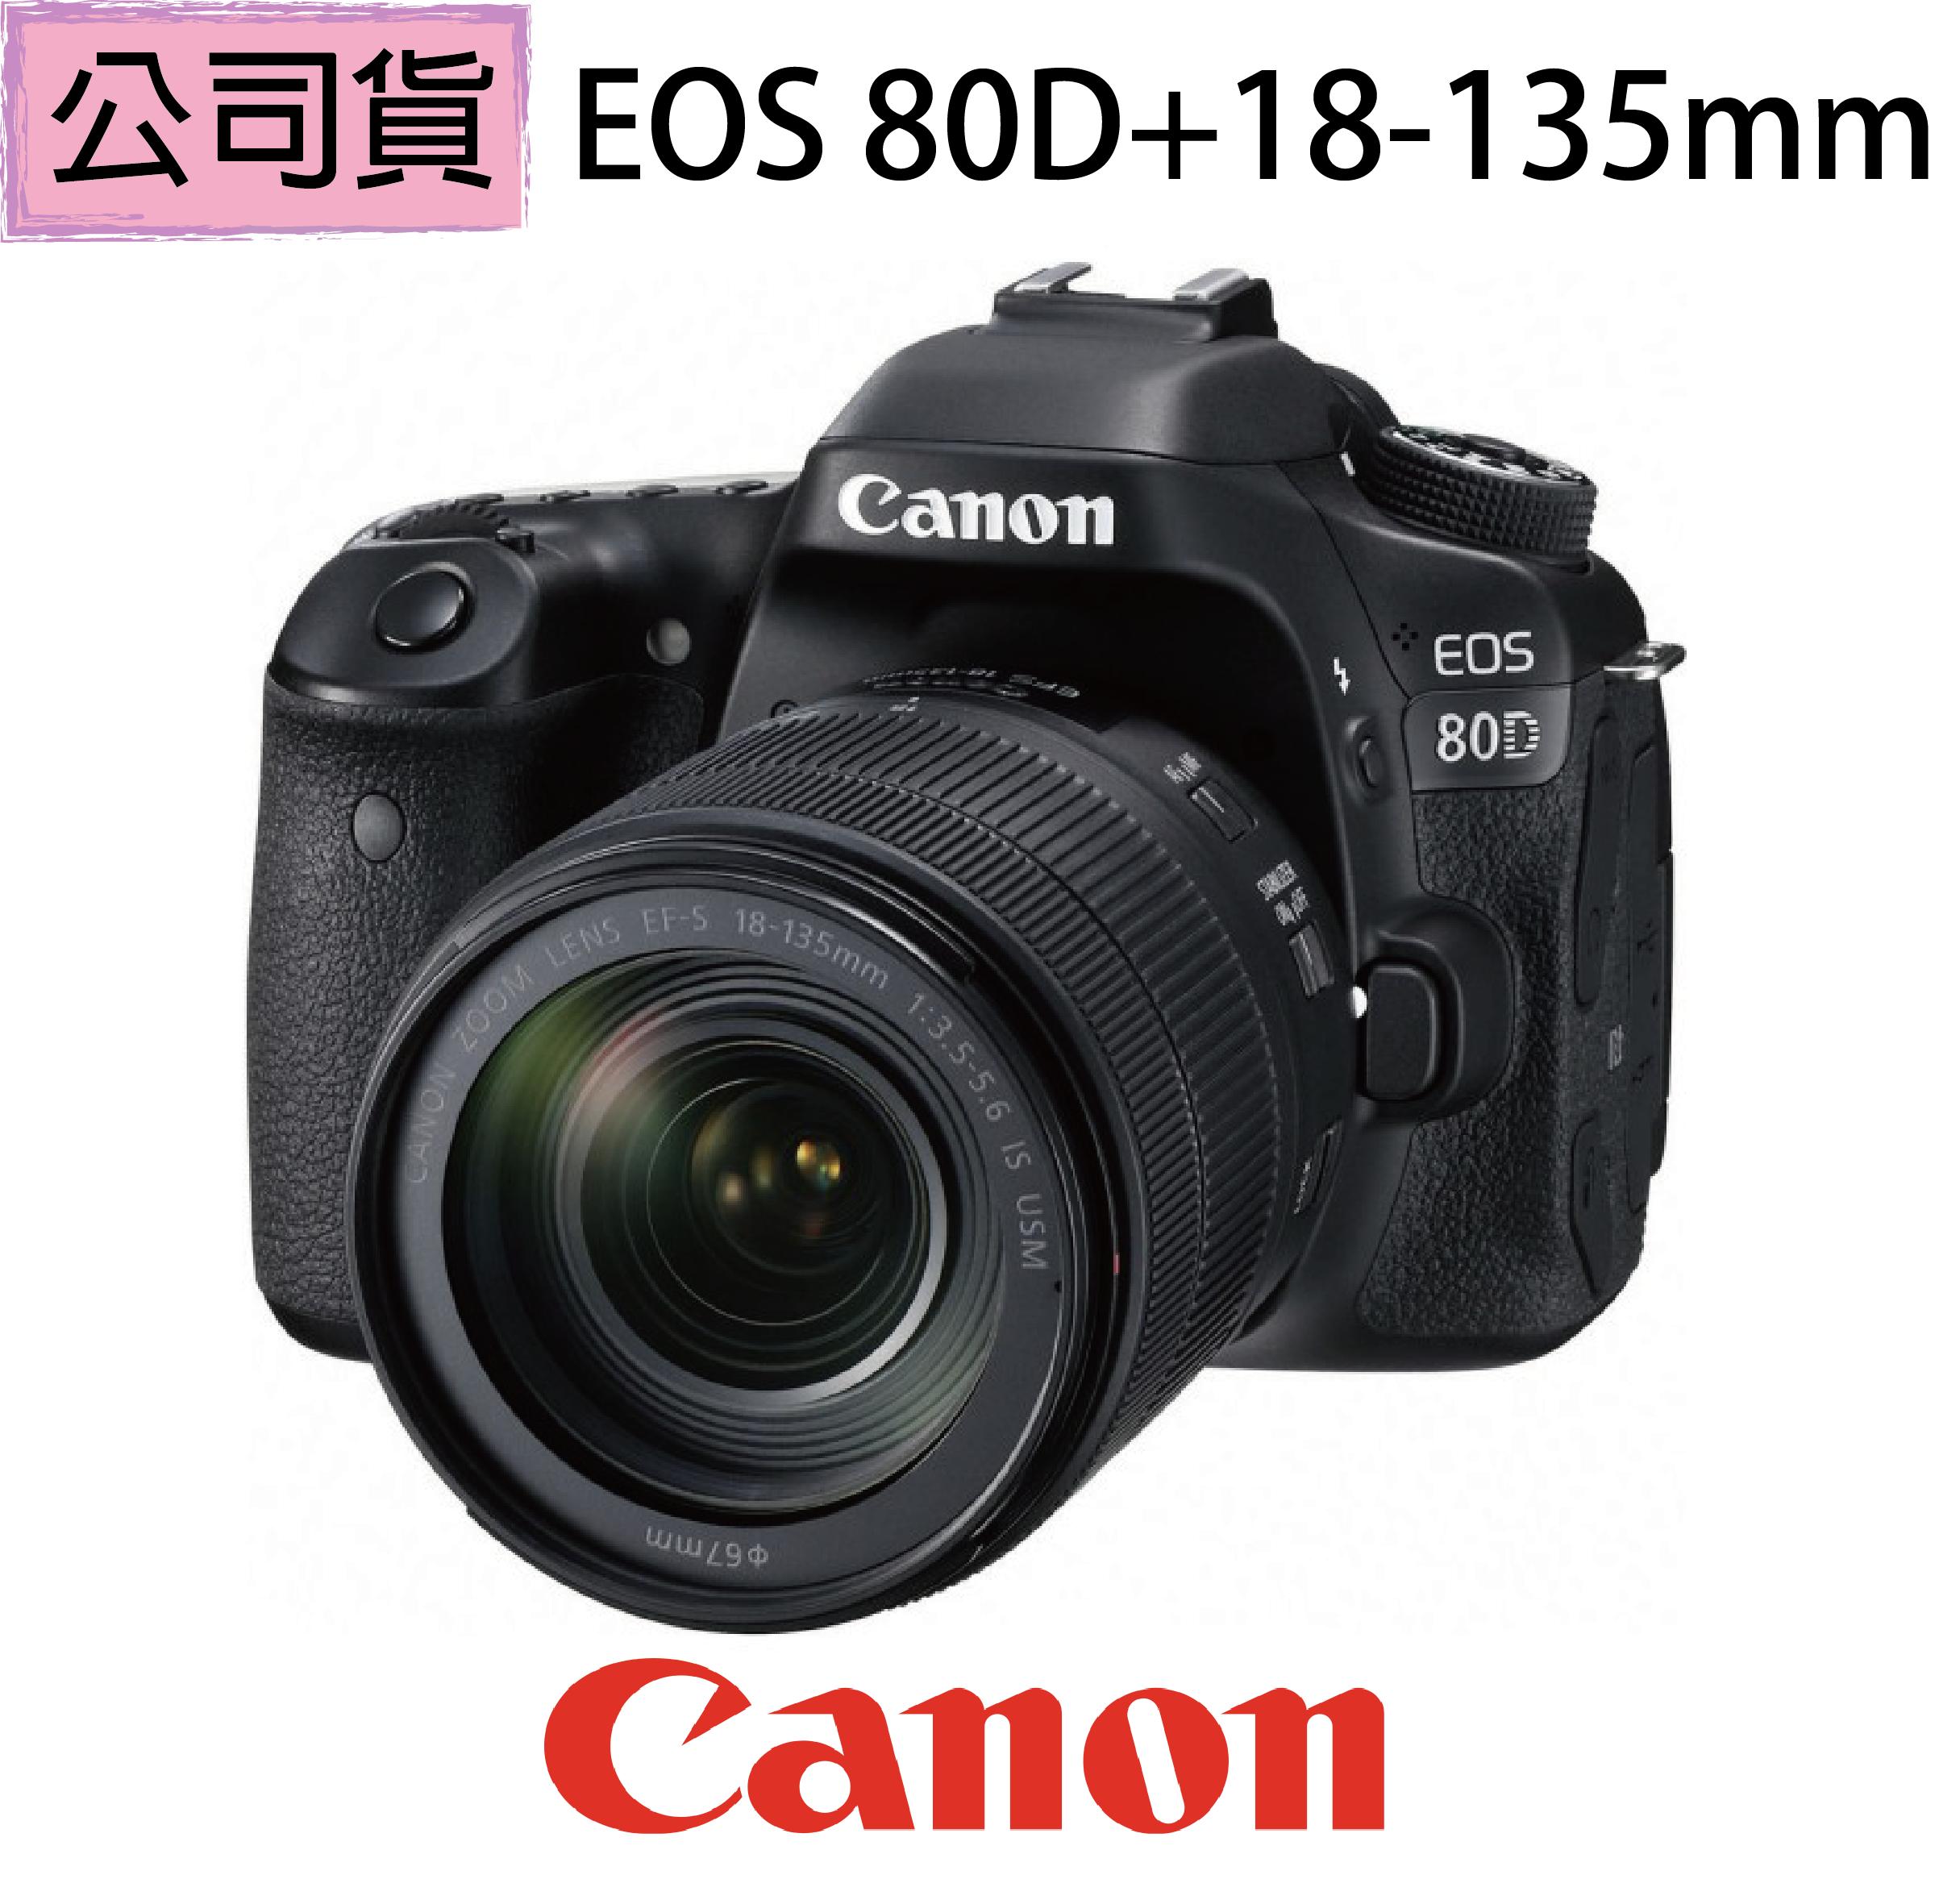 贈【SanDisk 64G 九件好禮組】【Canon】EOS 80D+18-135mm STM變焦鏡(公司貨)11/30前回函送1,000郵政禮券+LP-E17原廠電池